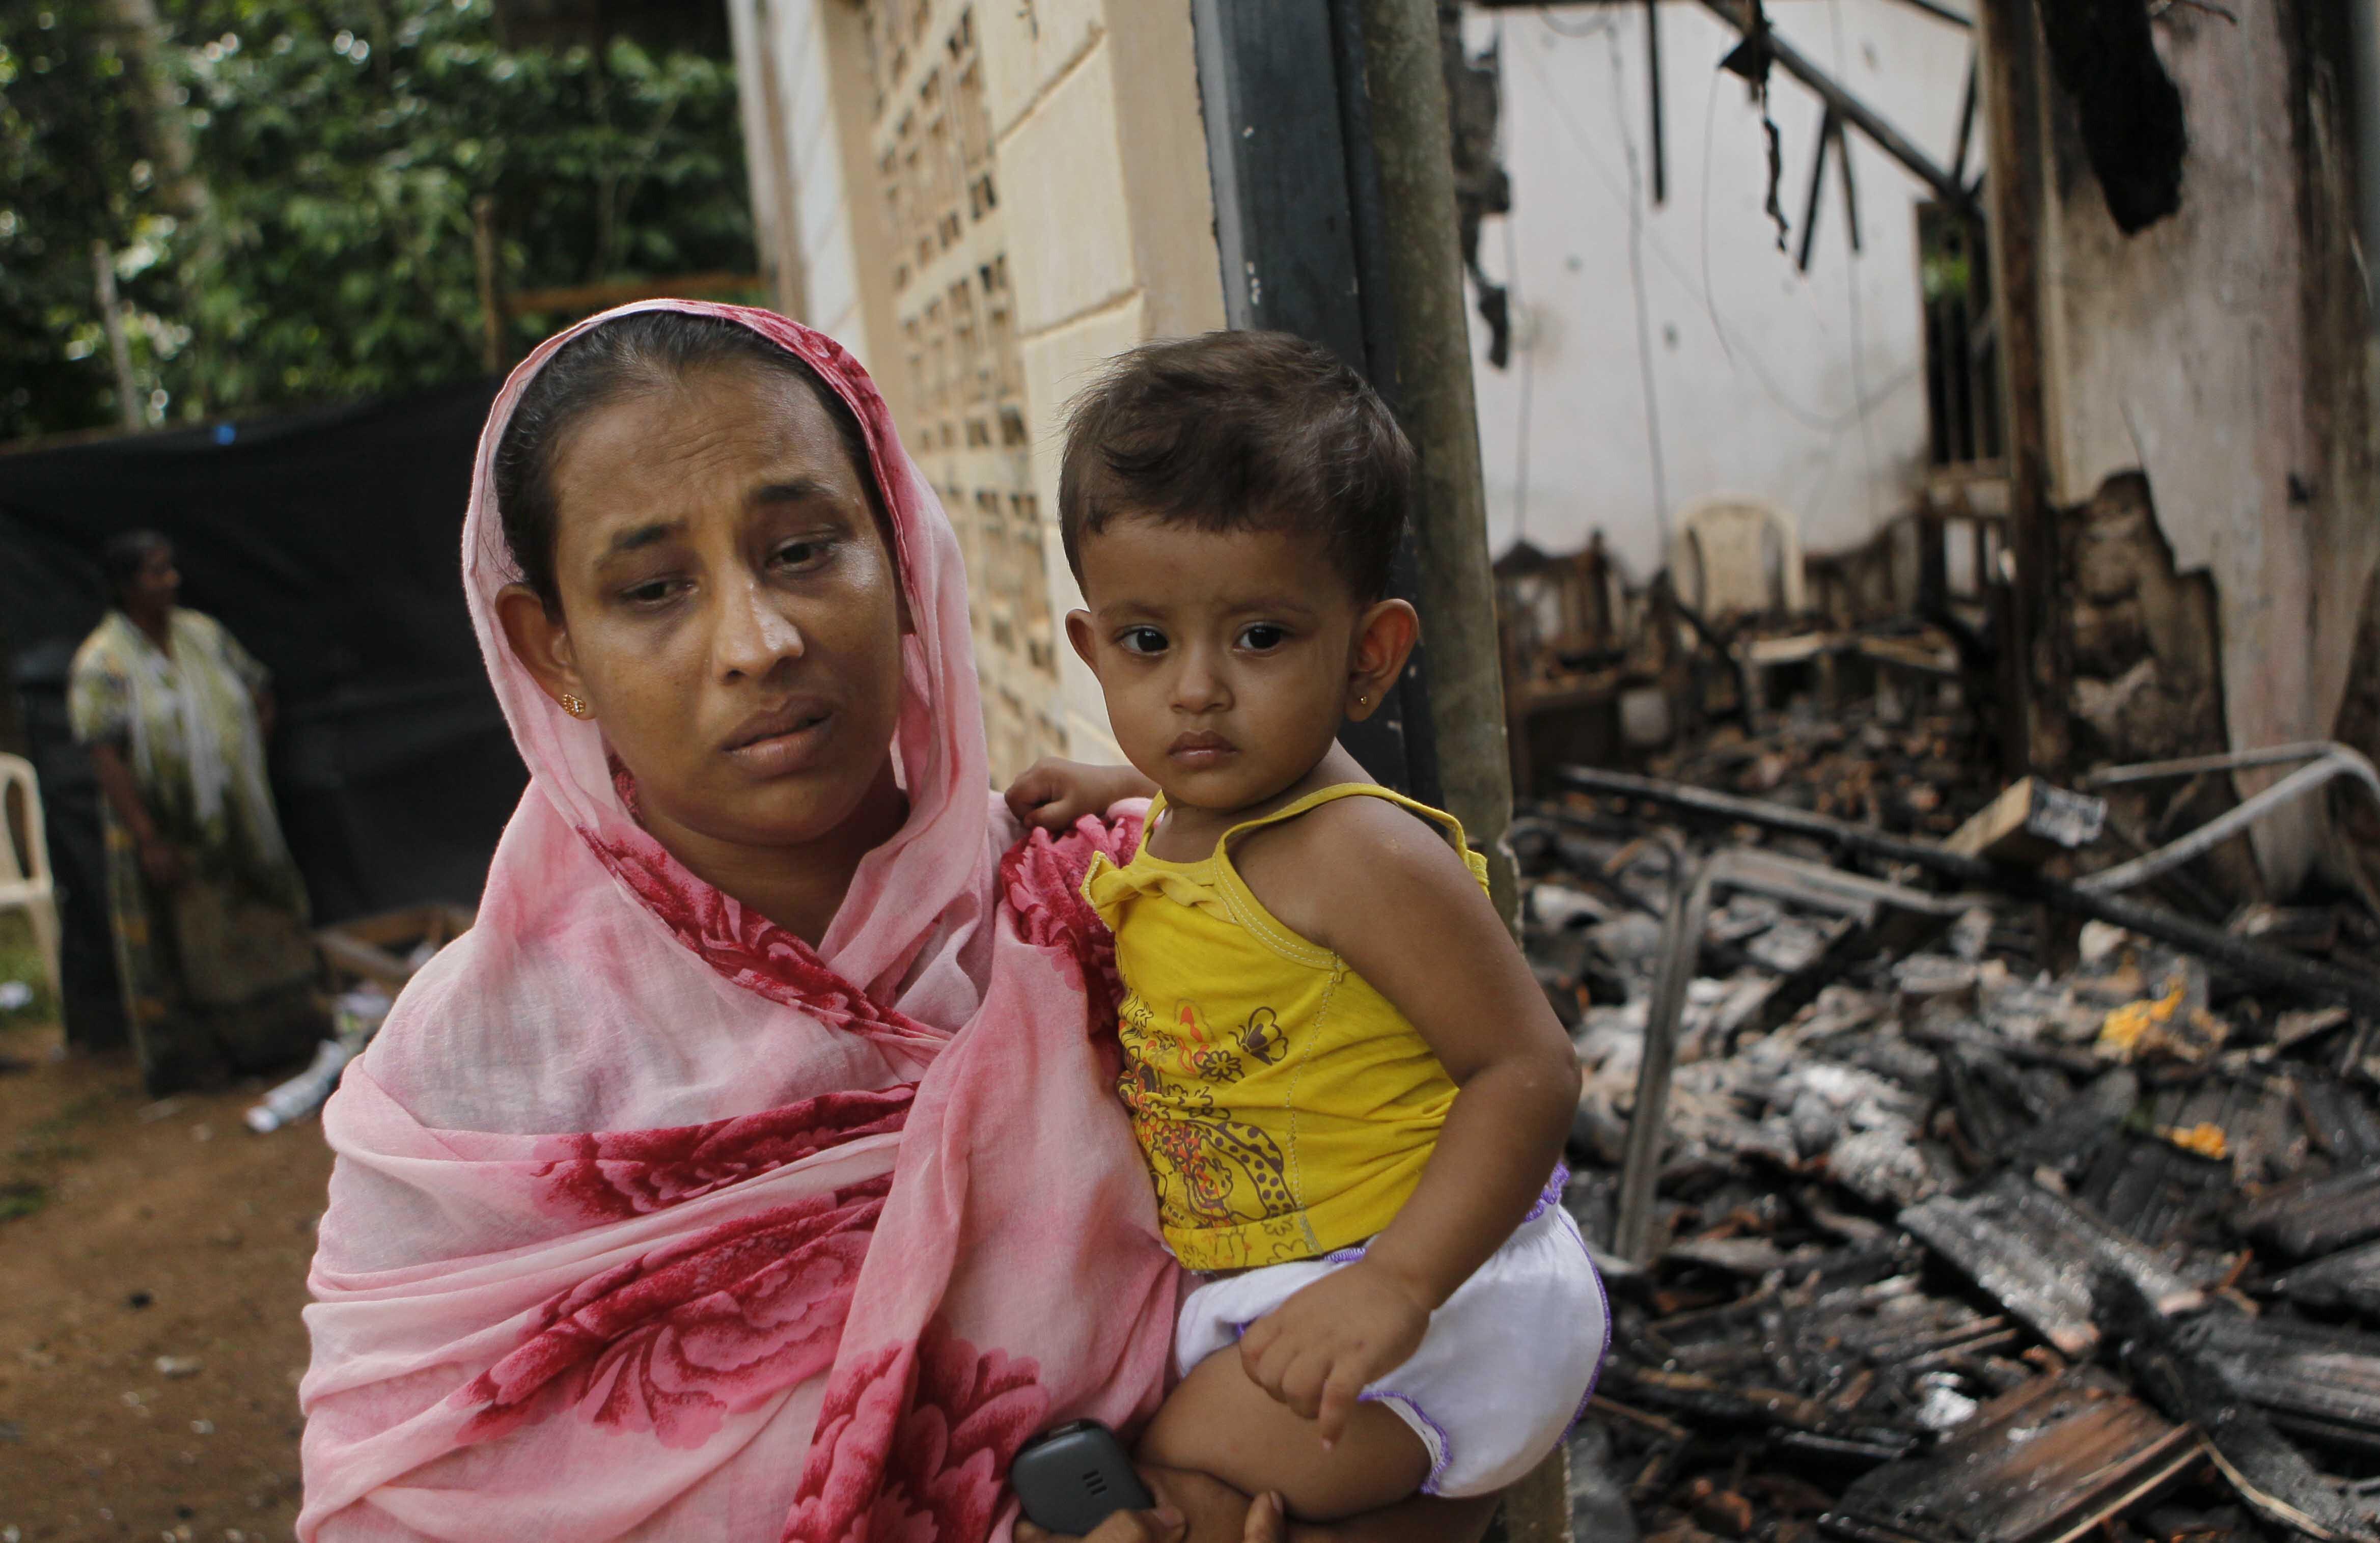 Sri Lanka Violence